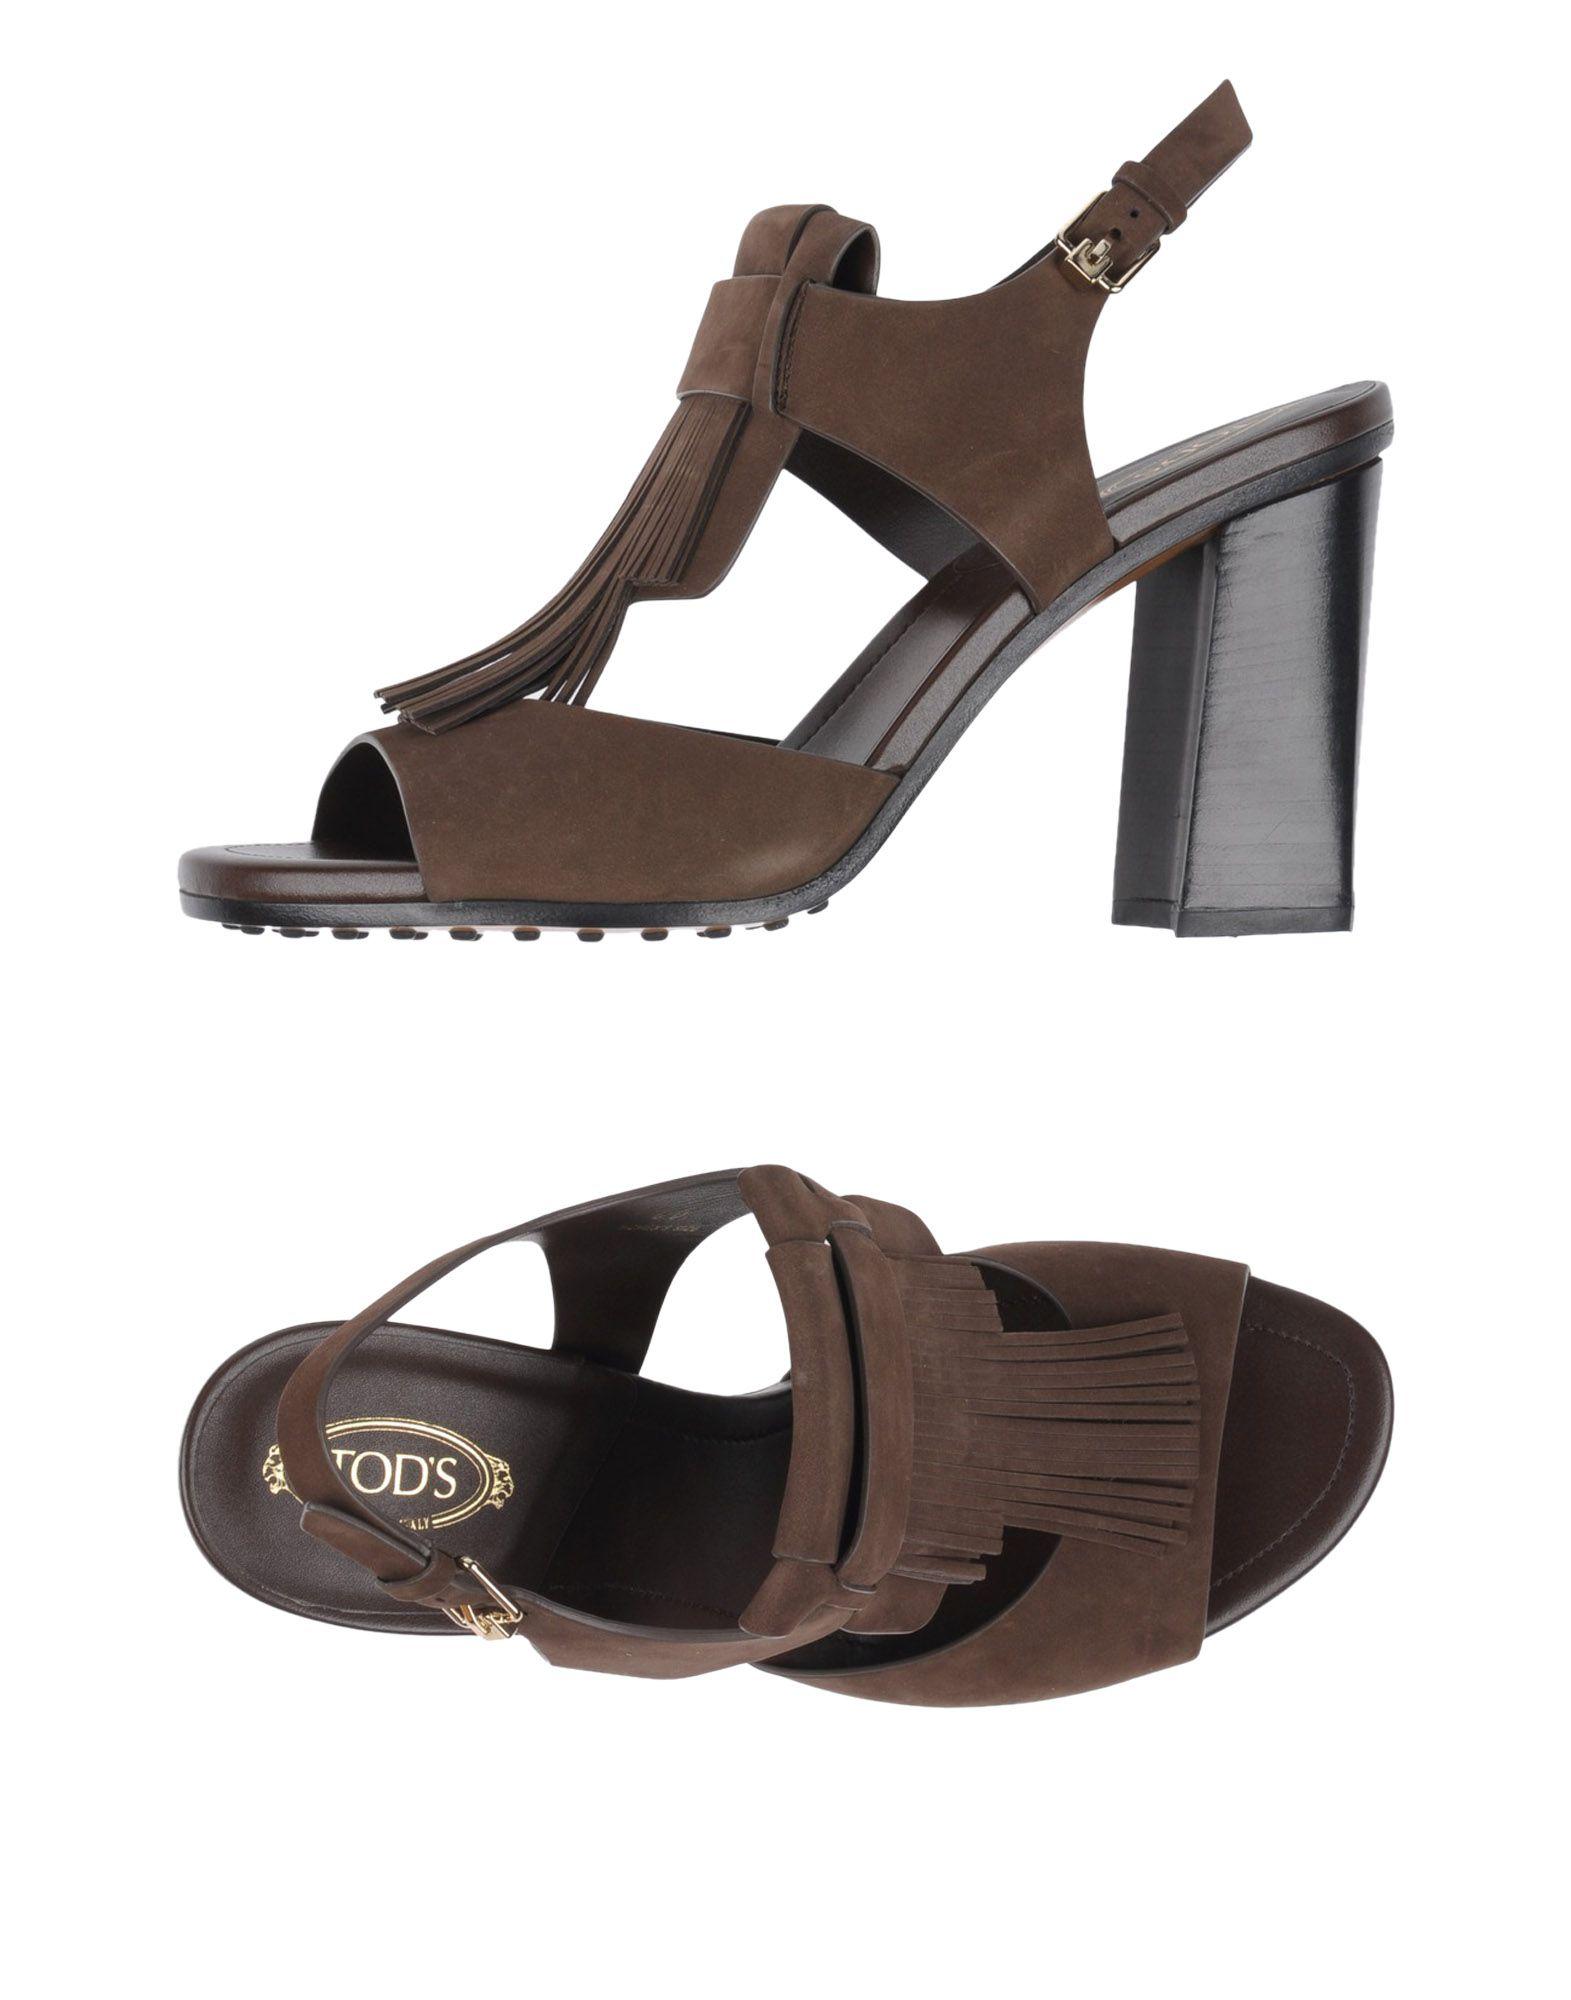 Tod's Sandalen Damen  11155833WMGut aussehende strapazierfähige Schuhe